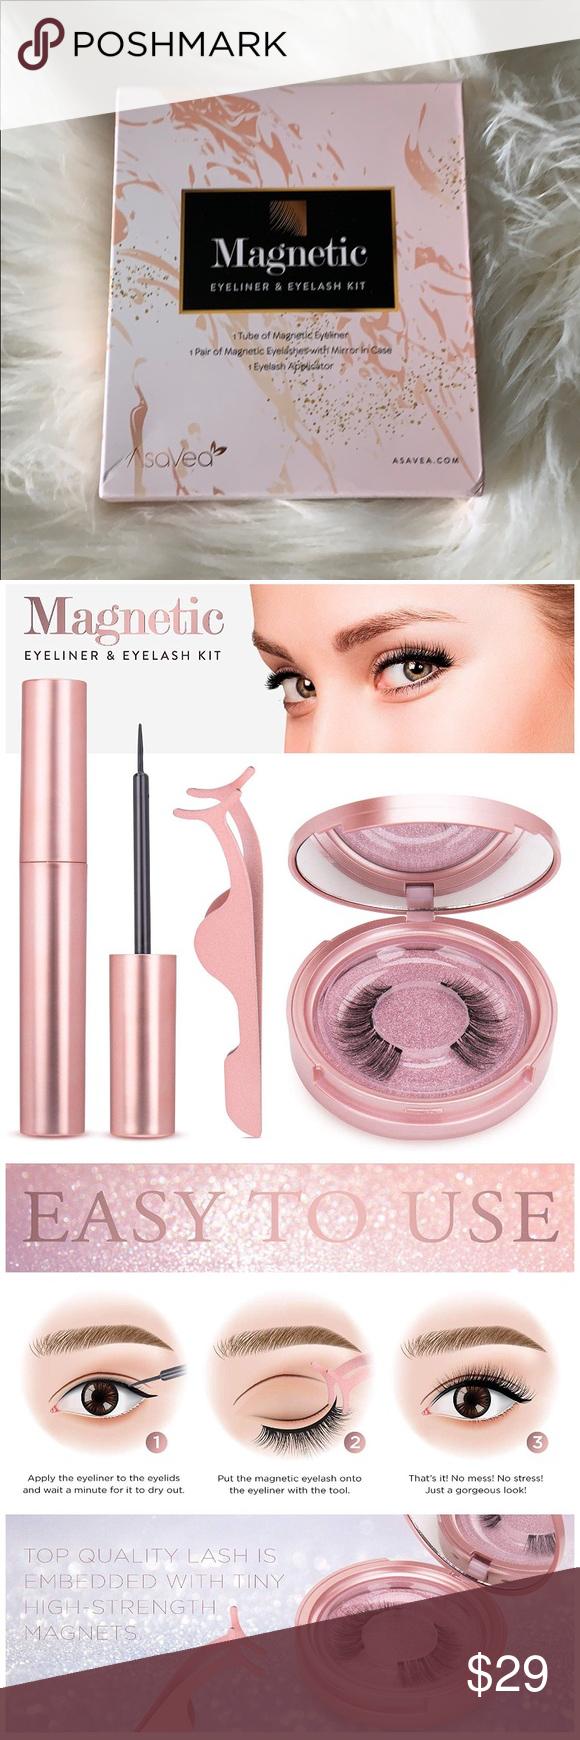 Magnetic eyeliner and eyelash kit Magnetic Eyelashes with Eyeliner - Magnetic Ey...        Eyeliner